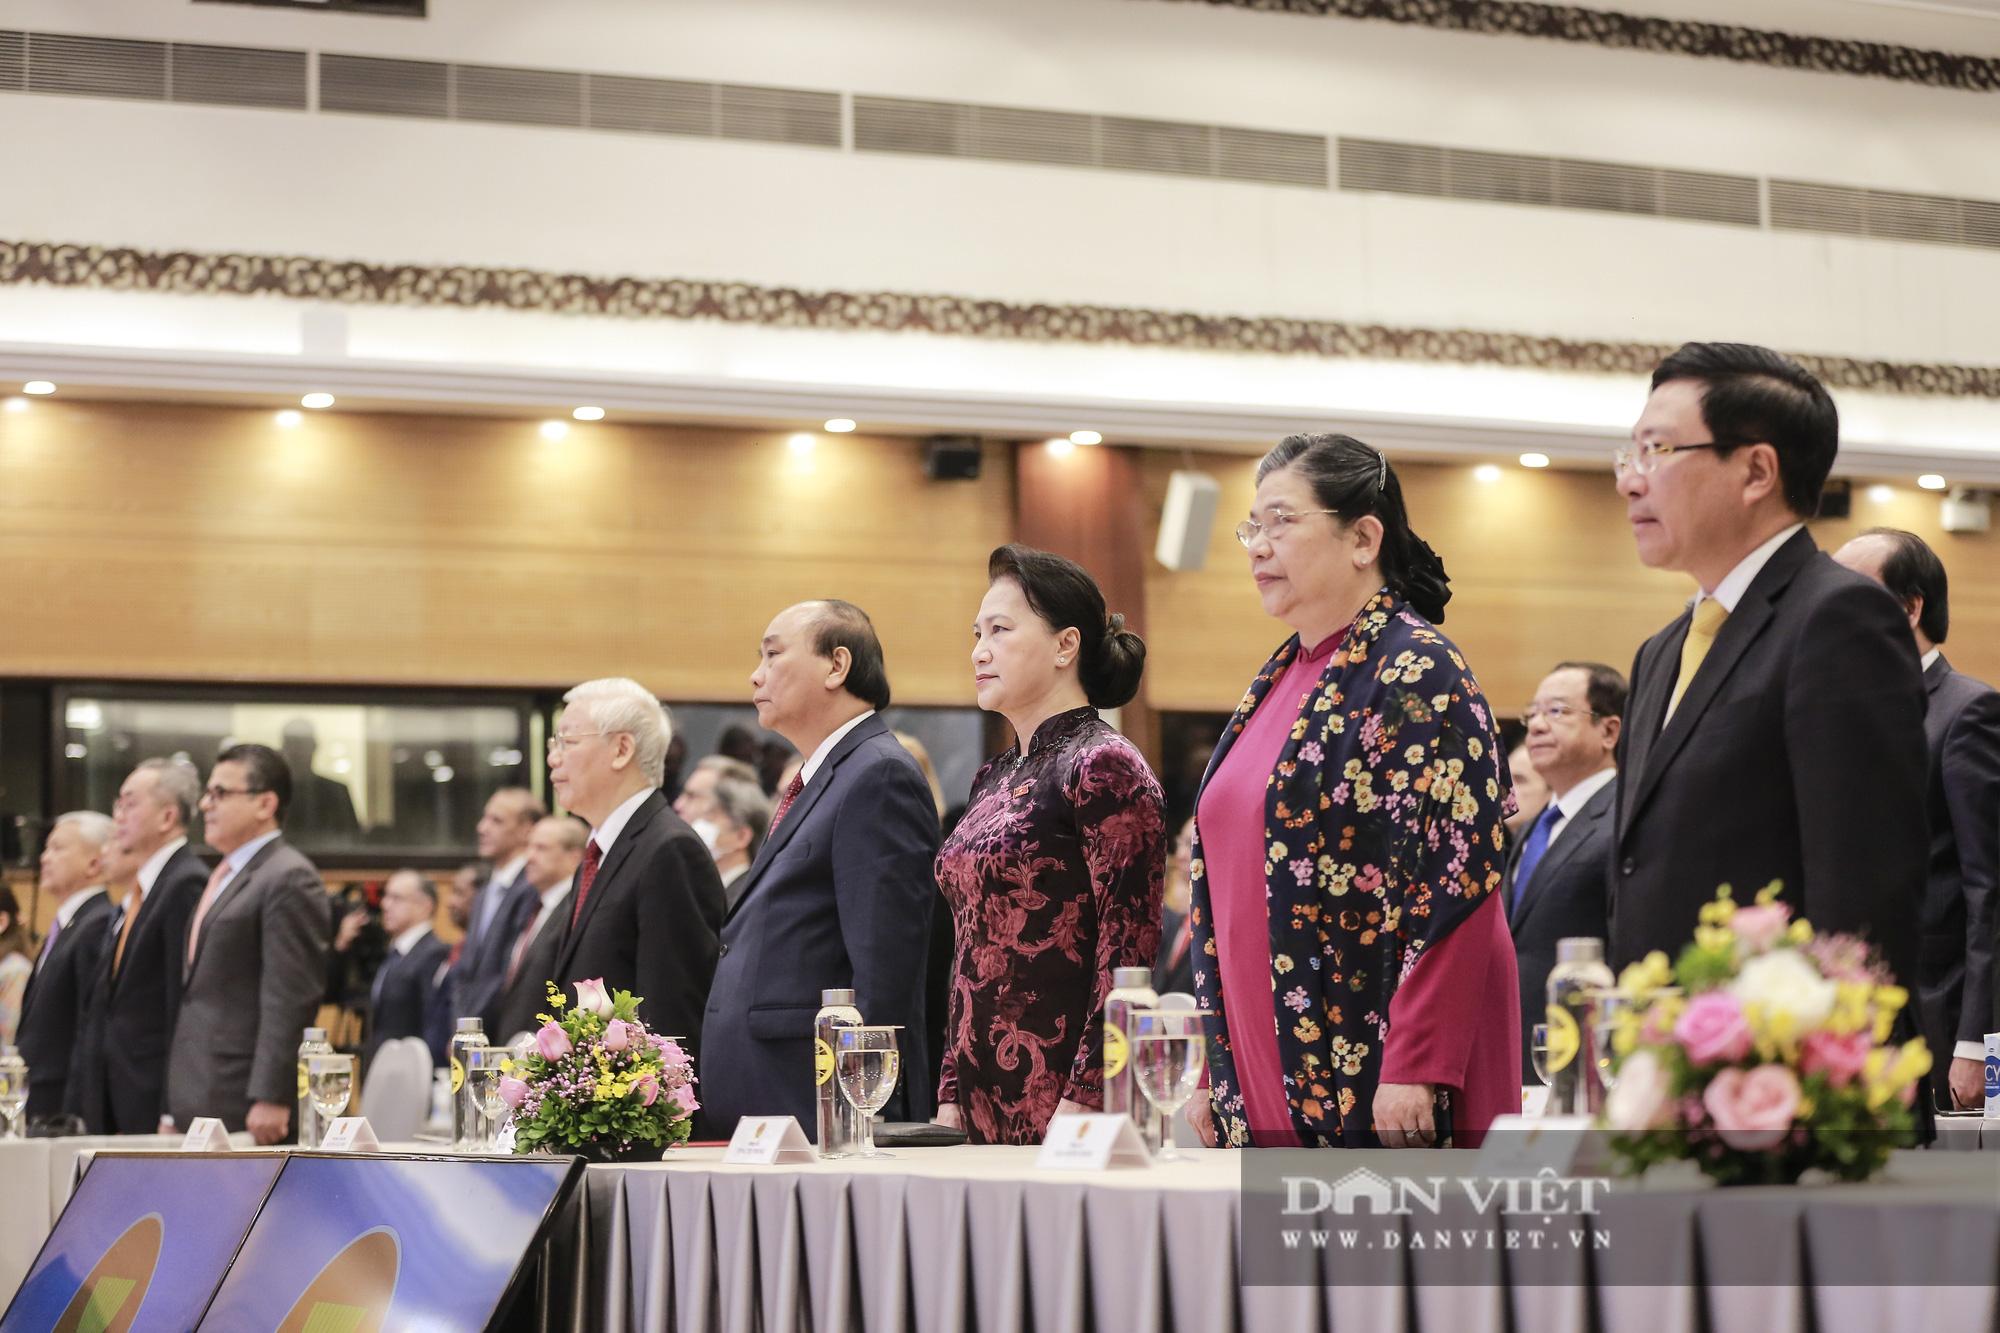 Toàn cảnh Khai mạc Hội nghị Cấp cao ASEAN lần thứ 37 - Ảnh 8.